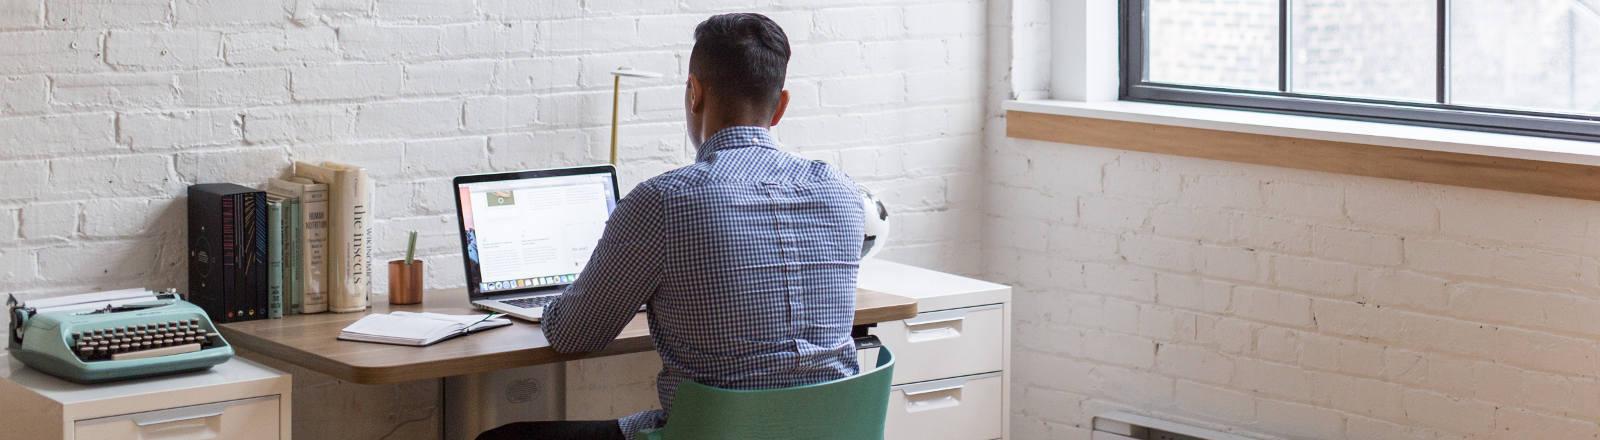 Ein Mann sitzt an einem Schreibtisch vor einem Notebook